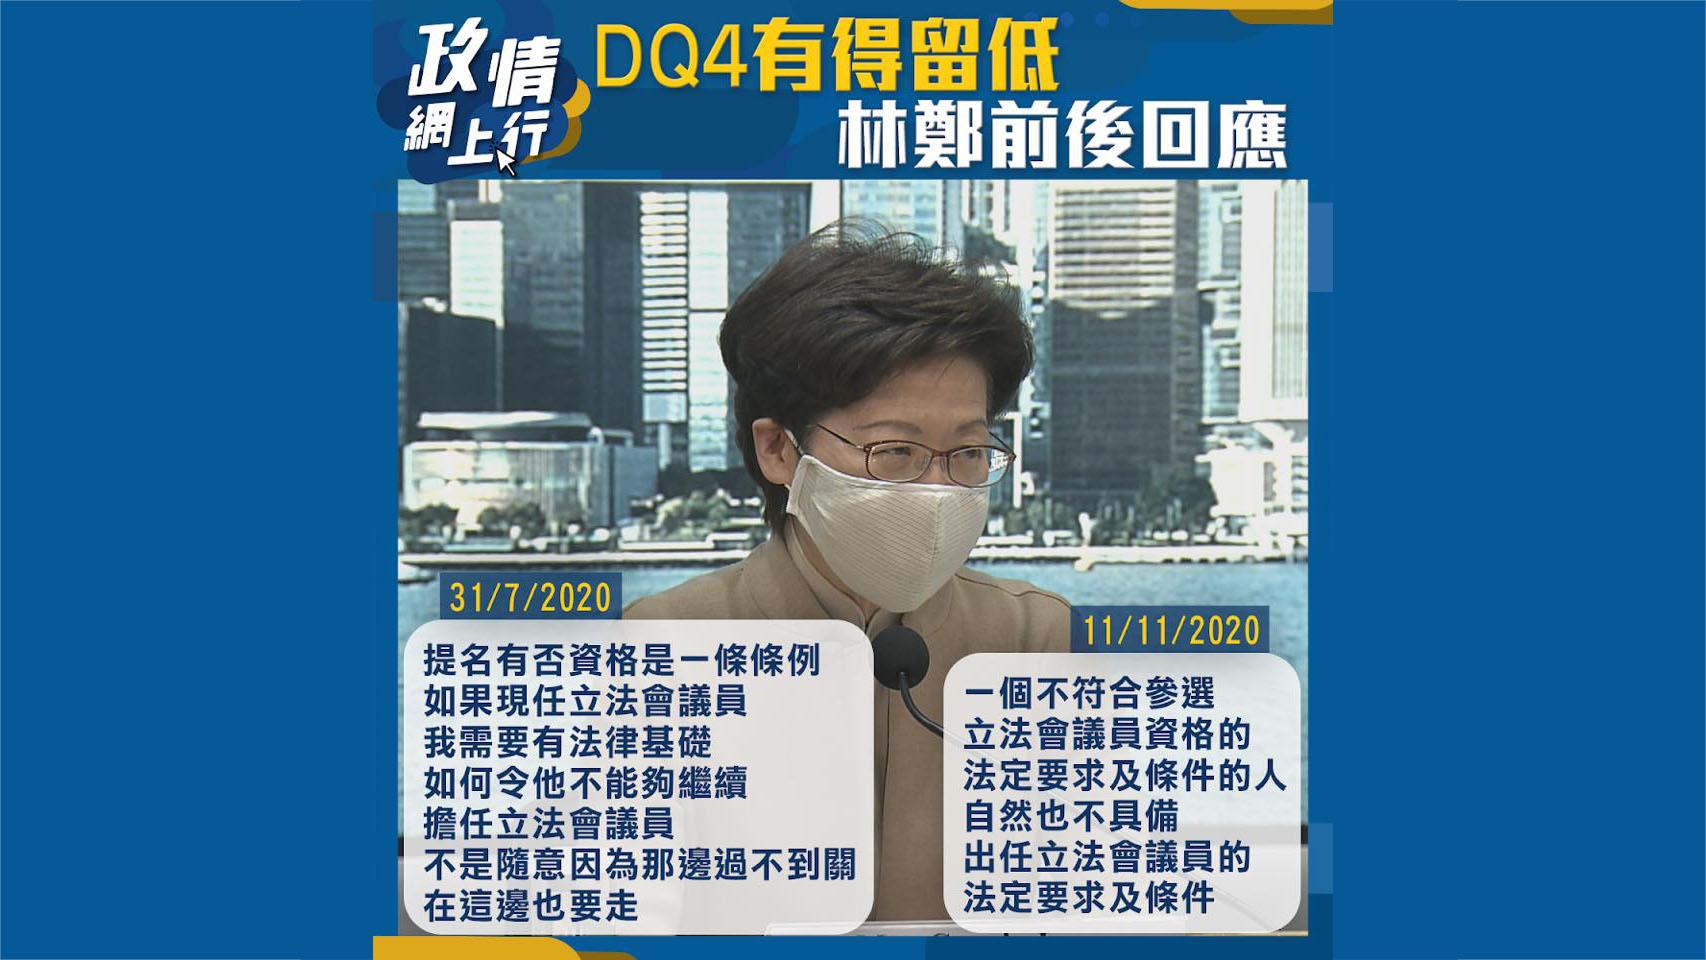 【政情網上行】DQ4有得留低 林鄭前後回應